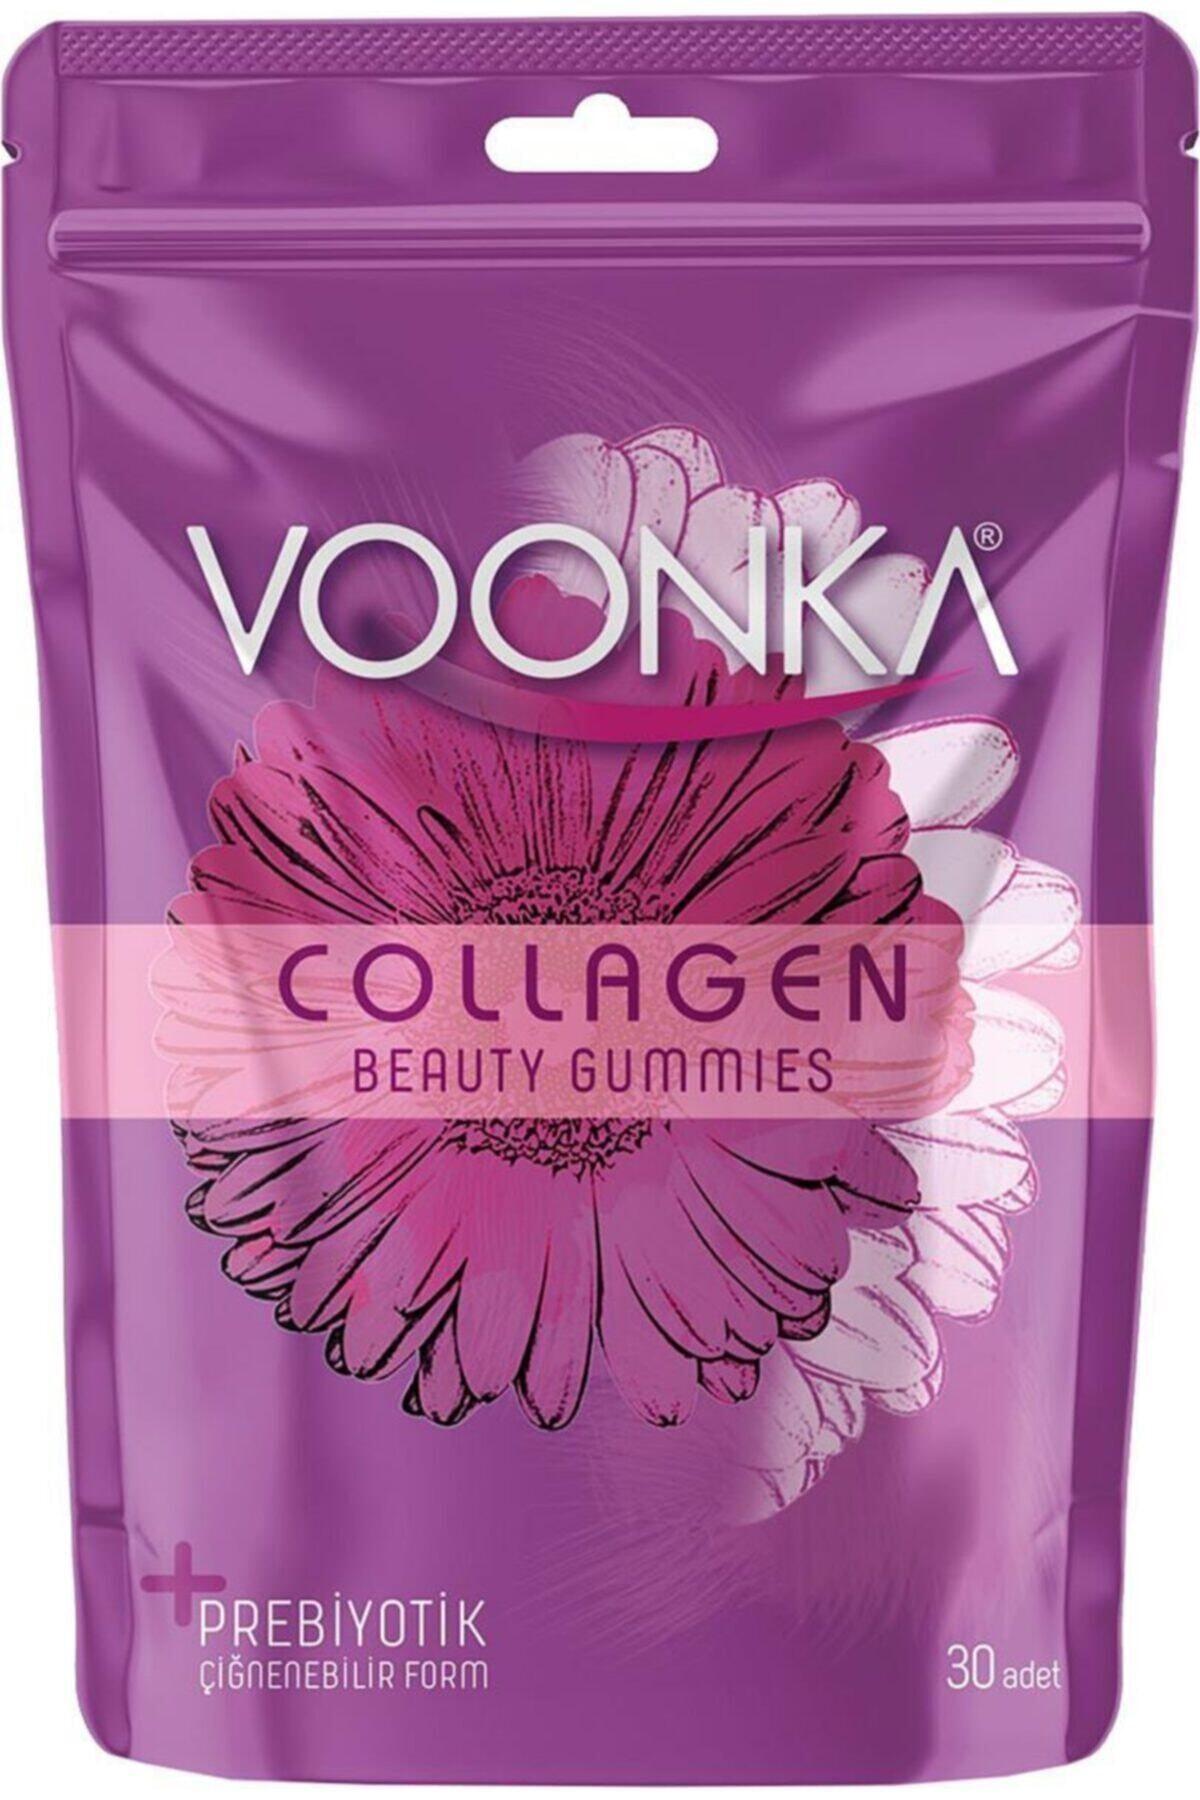 Voonka Collagen Beauty Gummies 30 Çiğnenebilir Tablet 2